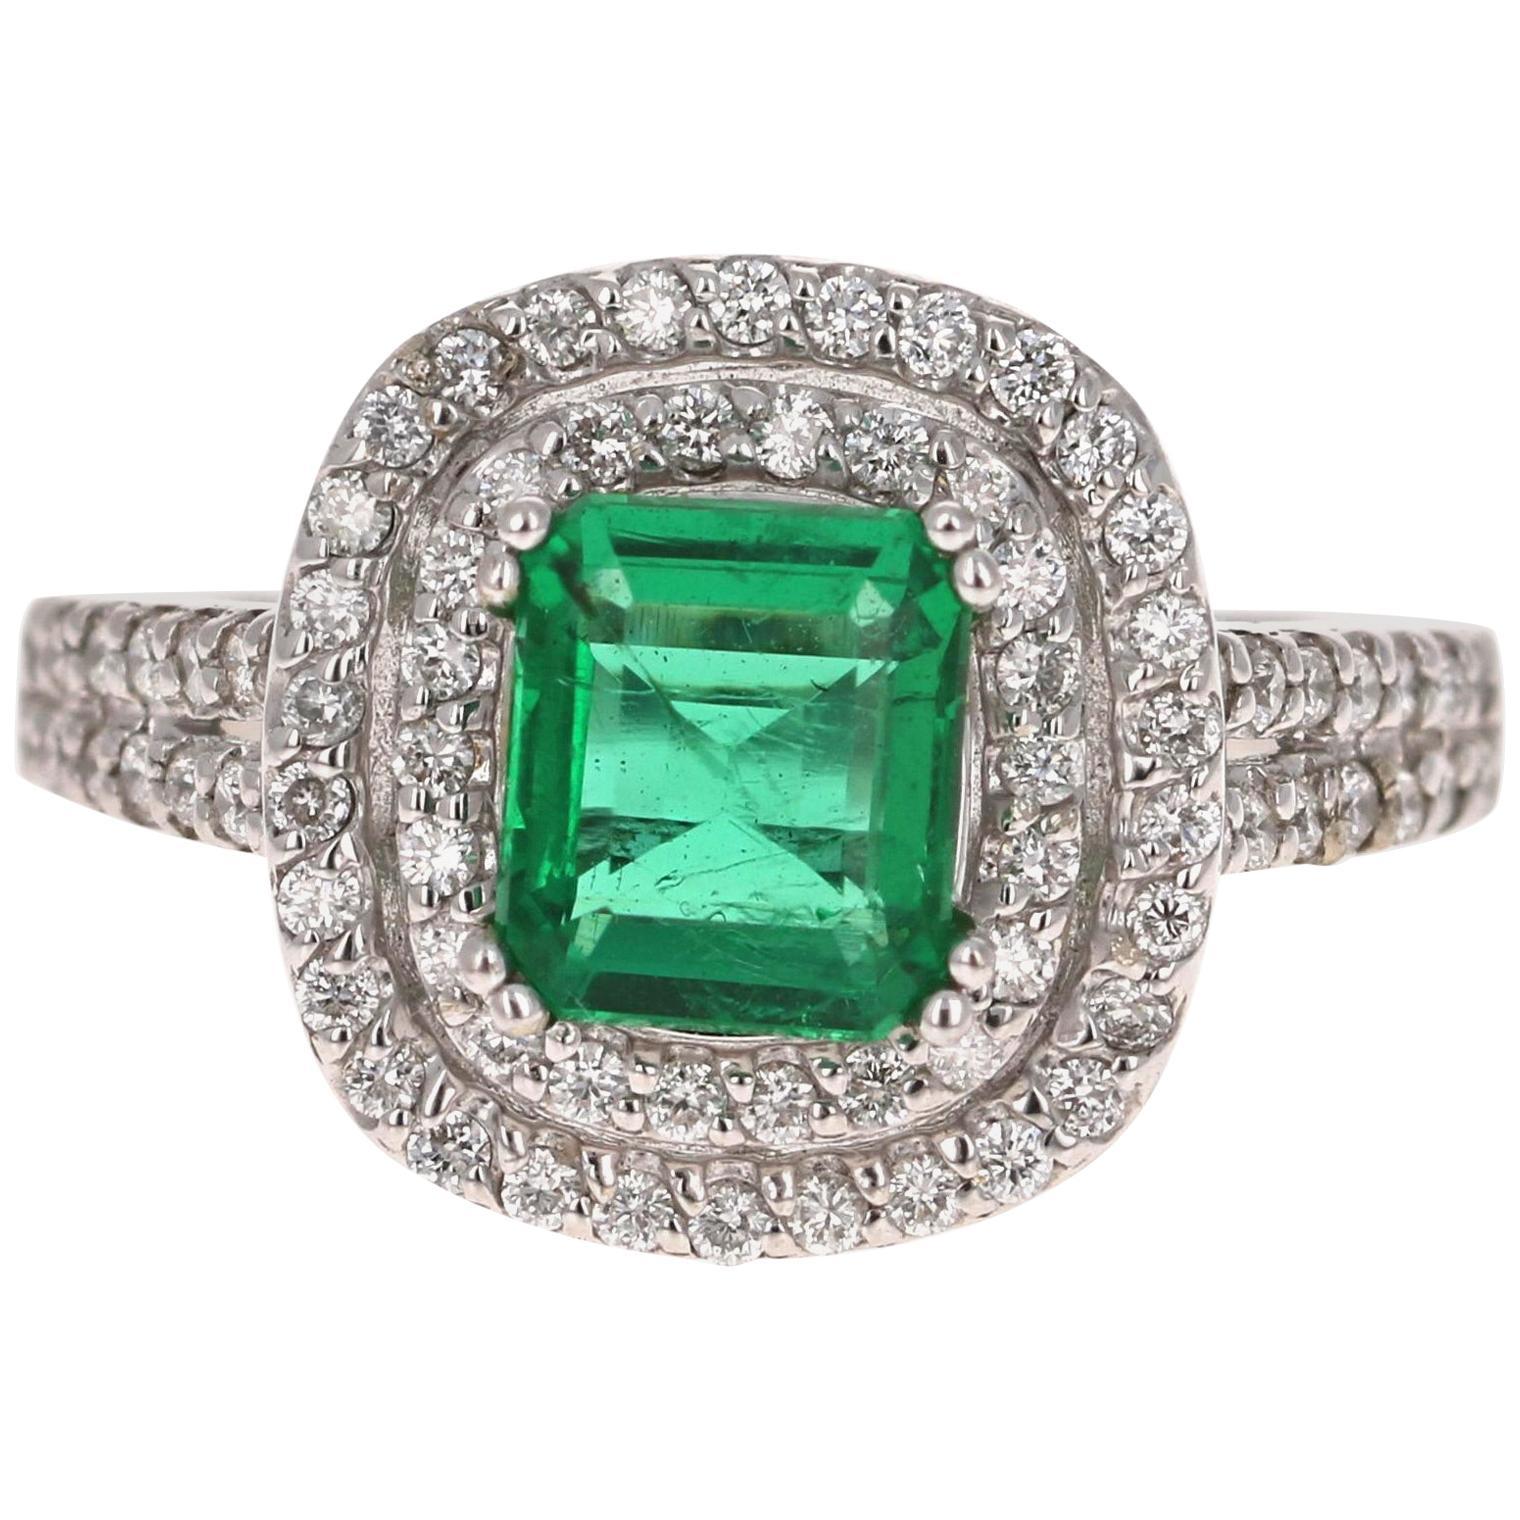 1.96 Carat Emerald Diamond 14 Karat White Gold GIA Certified Ring